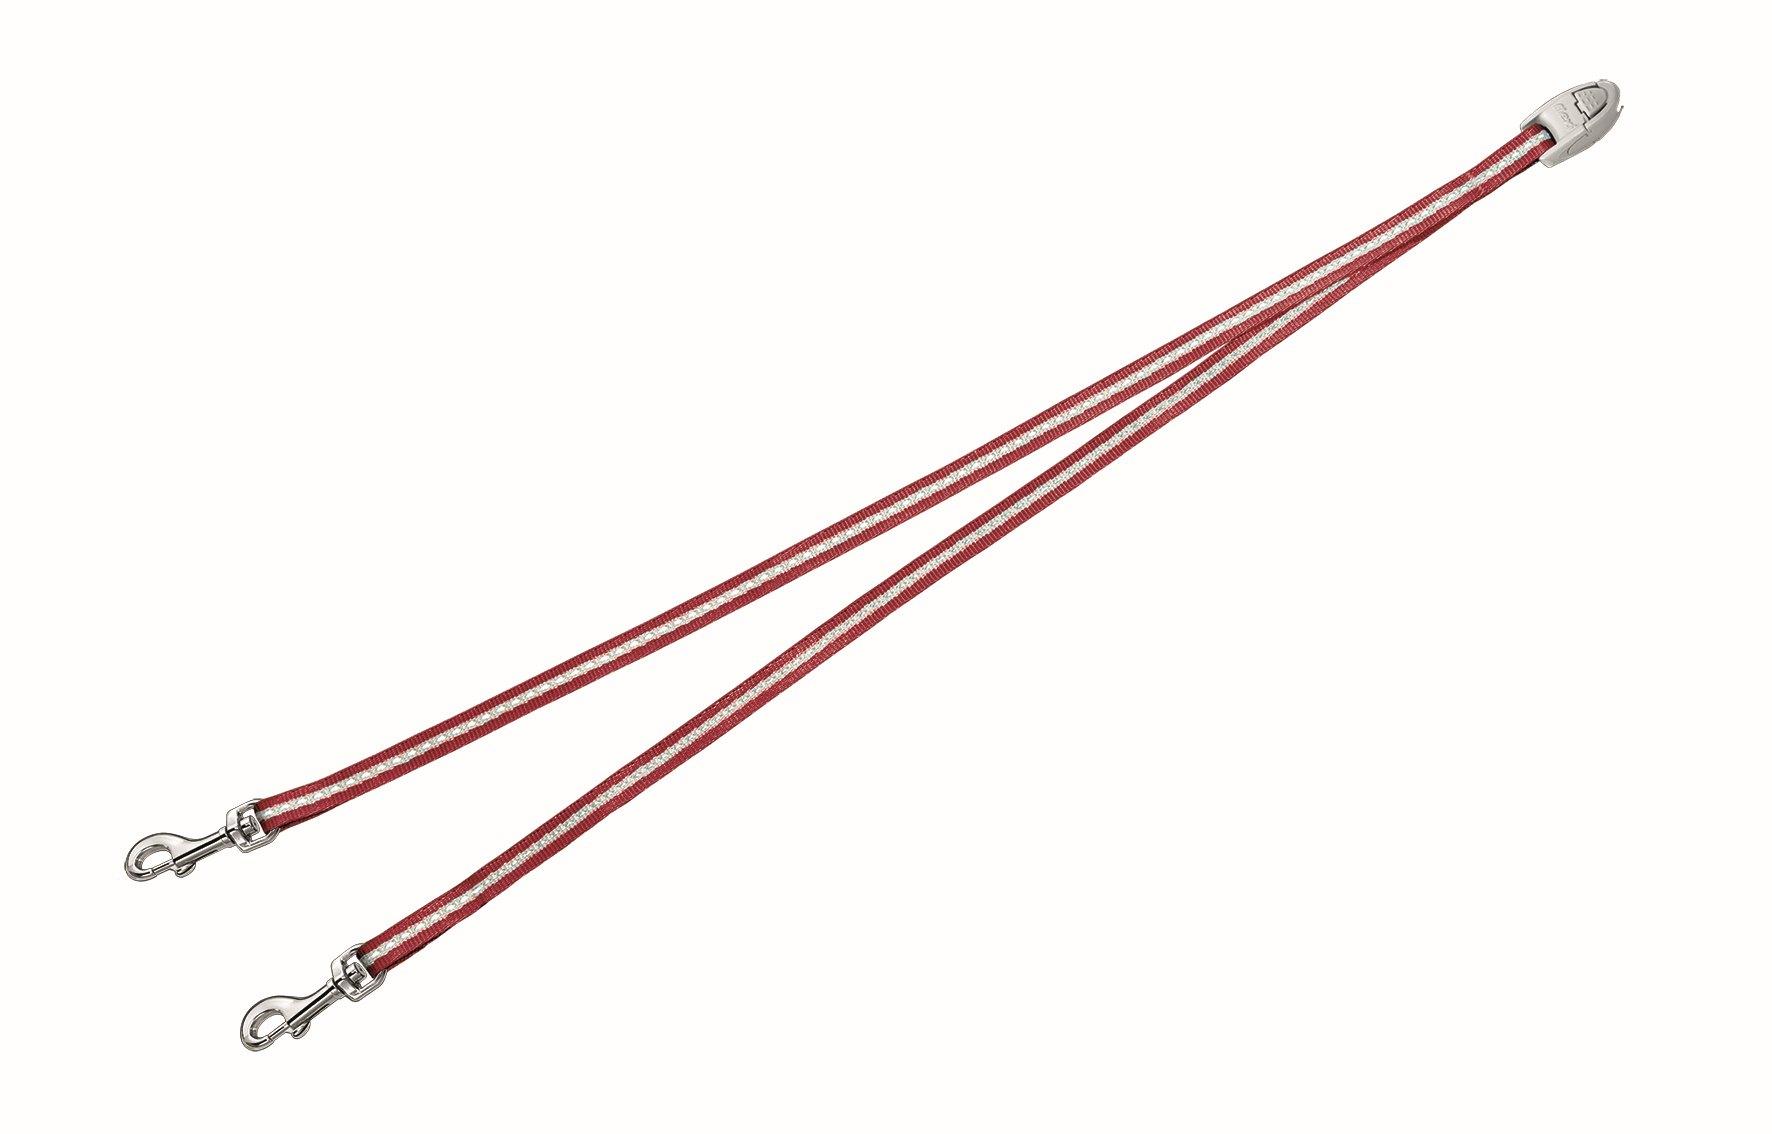 Сворка Flexi Vario Duo Belt S для собак до 5 кг, цвет: красный, 42 см020715Сворка Flexi Vario Duo Belt S изготовлена из металла и нейлона. Данный аксессуар позволяет адаптировать рулетку для выгула 2 собак. Сворка обеспечивает каждой собаке свободу движения, что идет на пользу здоровью и радует вашего четвероногого друга. Сворка Flexi - специальное дополнение к поводку Flexi Vario размером S. При выборе рулетки для двух собак нужно учитывать суммарный вес обеих собак. Поводок имеет хромированную застежку.Длина поводка (без учета карабина): 42 см. Ширина поводка: 9 мм.Максимальная нагрузка: 5 кг.Товар сертифицирован.